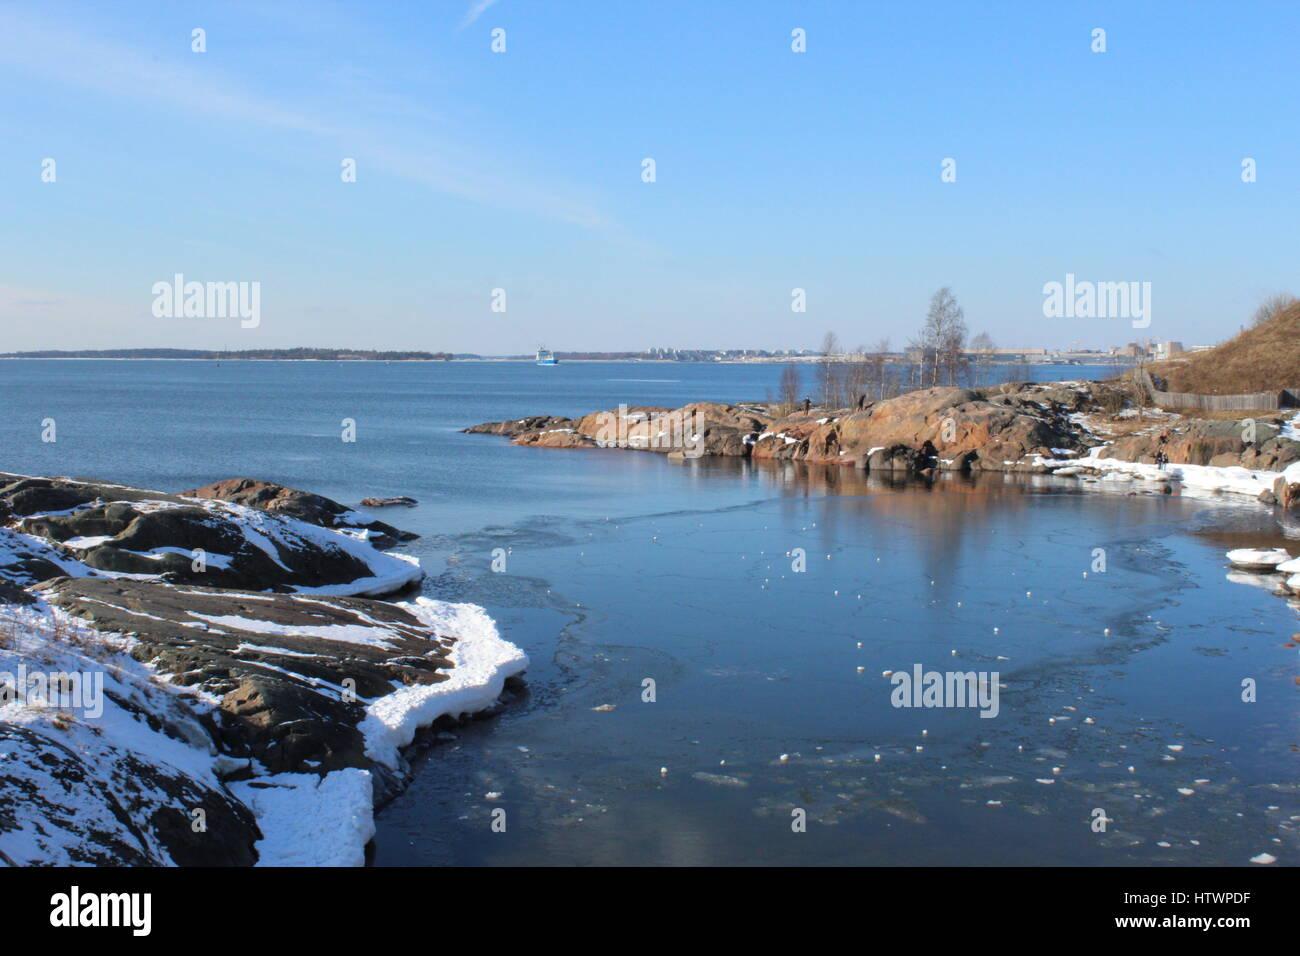 Naturbilder Zum Ausdrucken Stockfotos Naturbilder Zum Ausdrucken